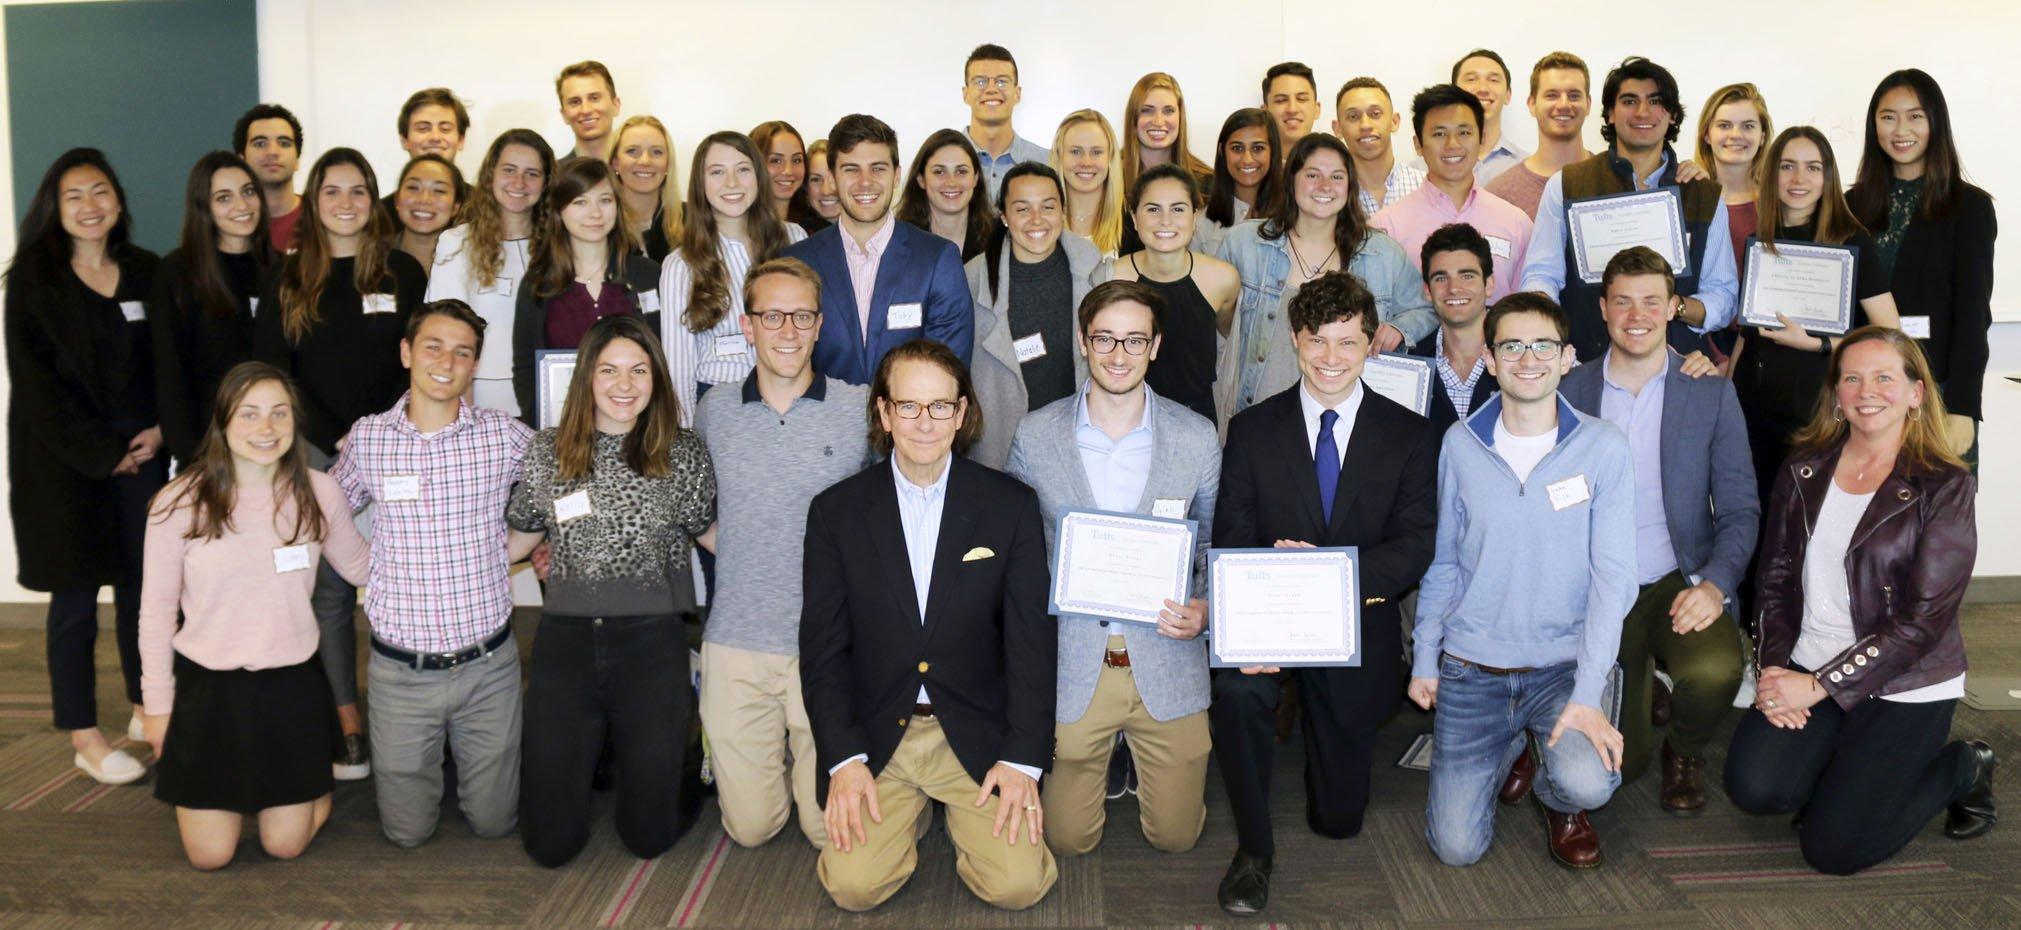 Tufts TEC Graduates 2019-2-2